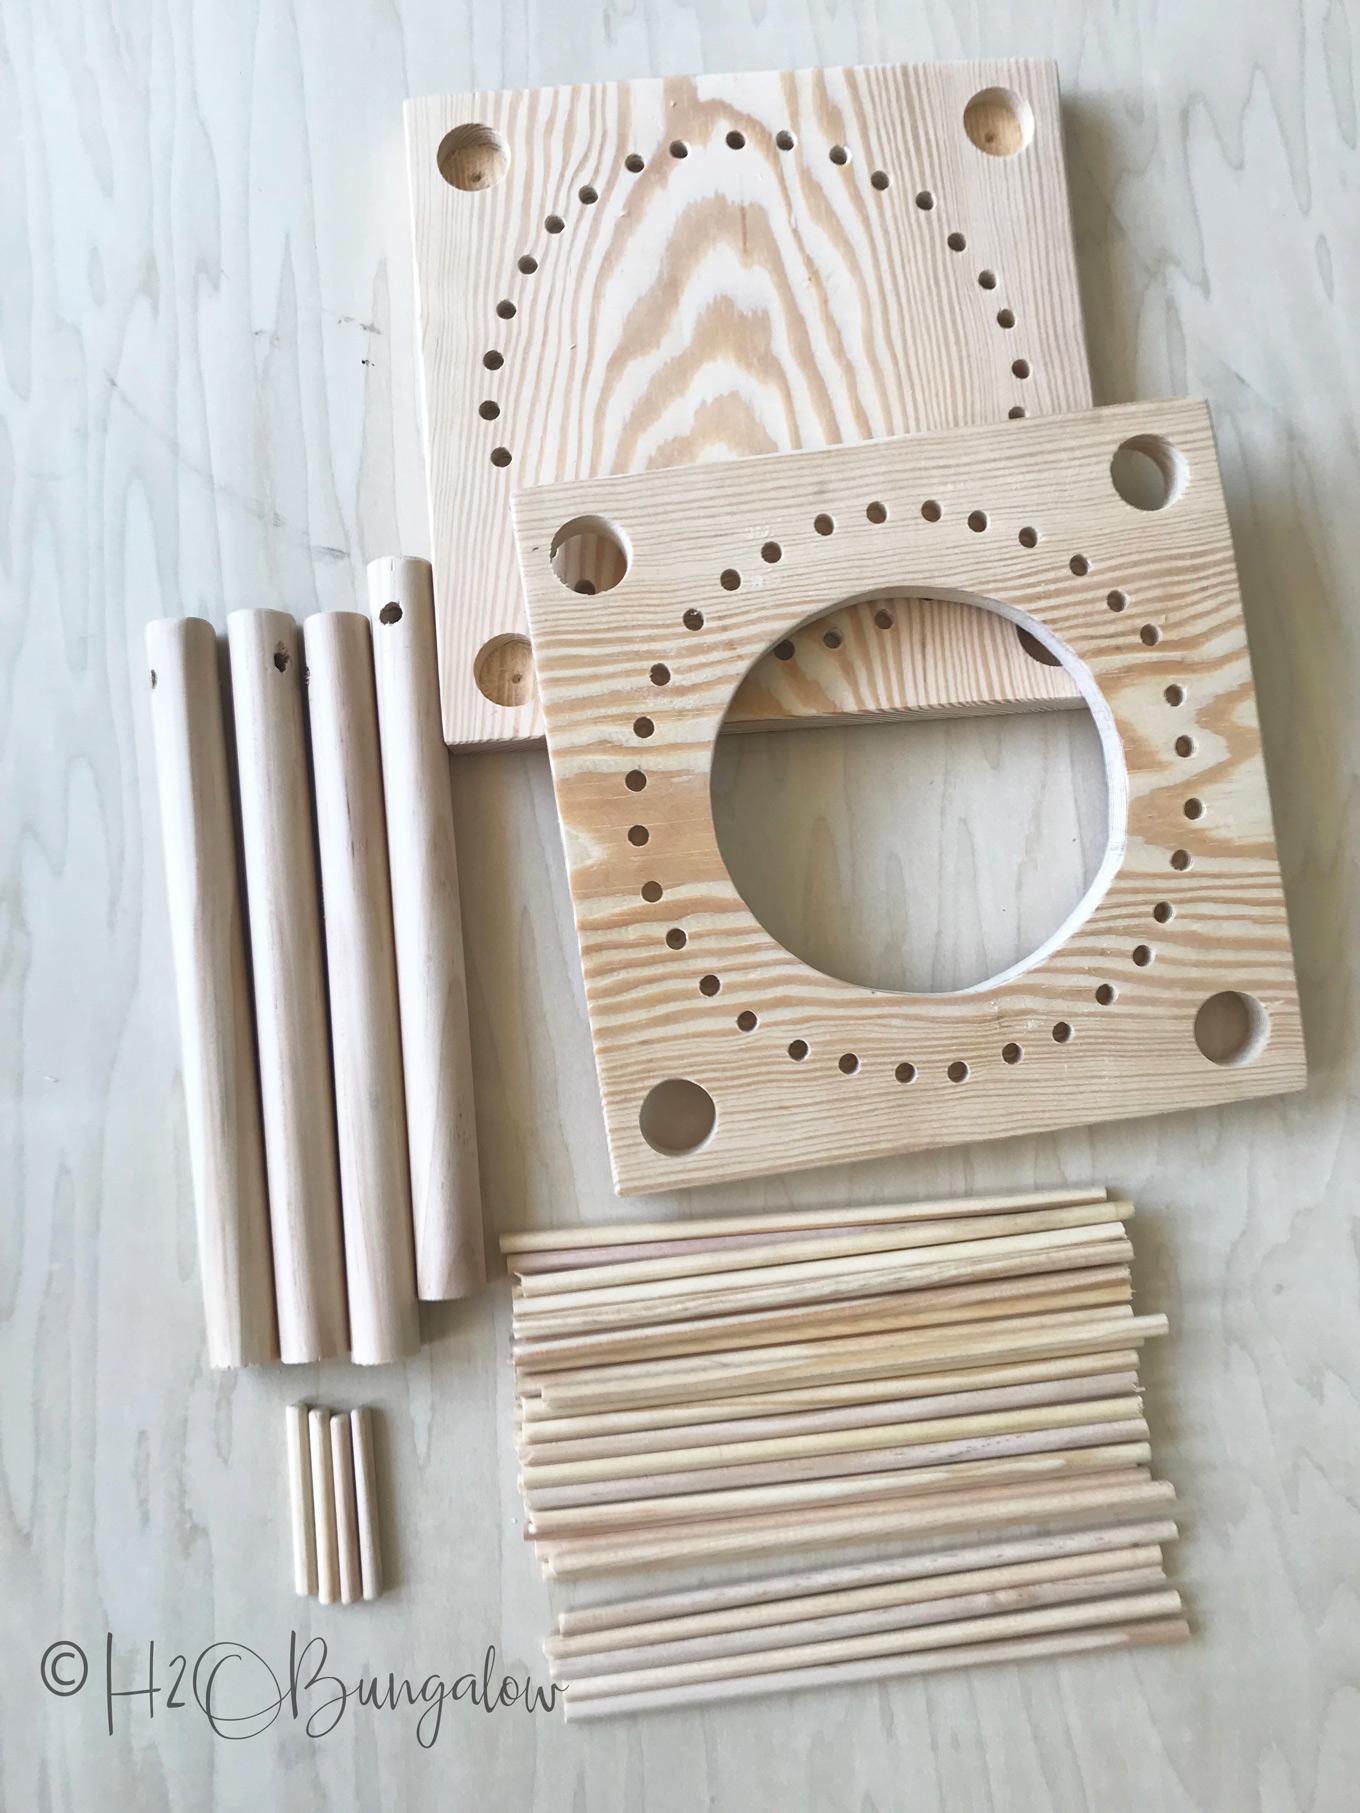 Diy Wood Lantern Tutorial To Make A Modern Wood Lantern